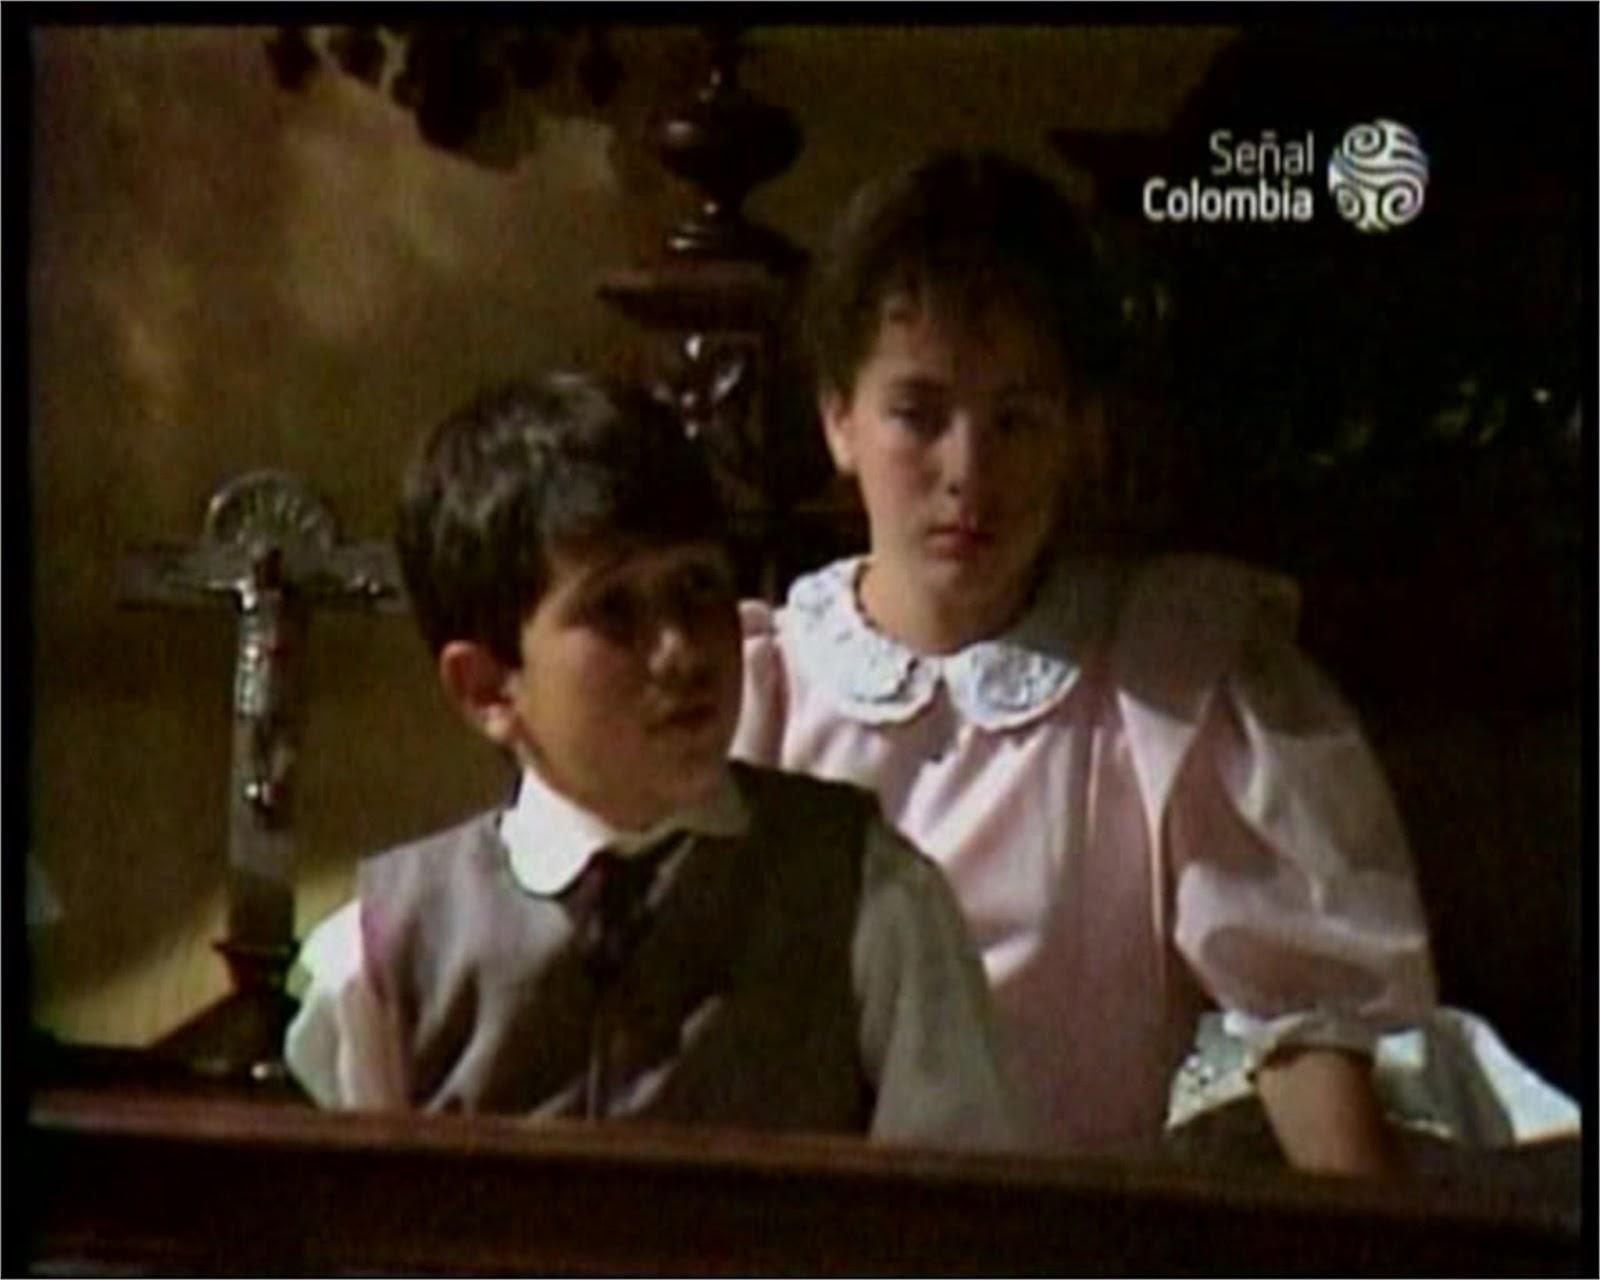 Danna García fotos..La Casa de las dos Palmas 1990 - Página 3 EVANGELINA+(DANNA+GARCIA+NI%C3%91A)+ZZL